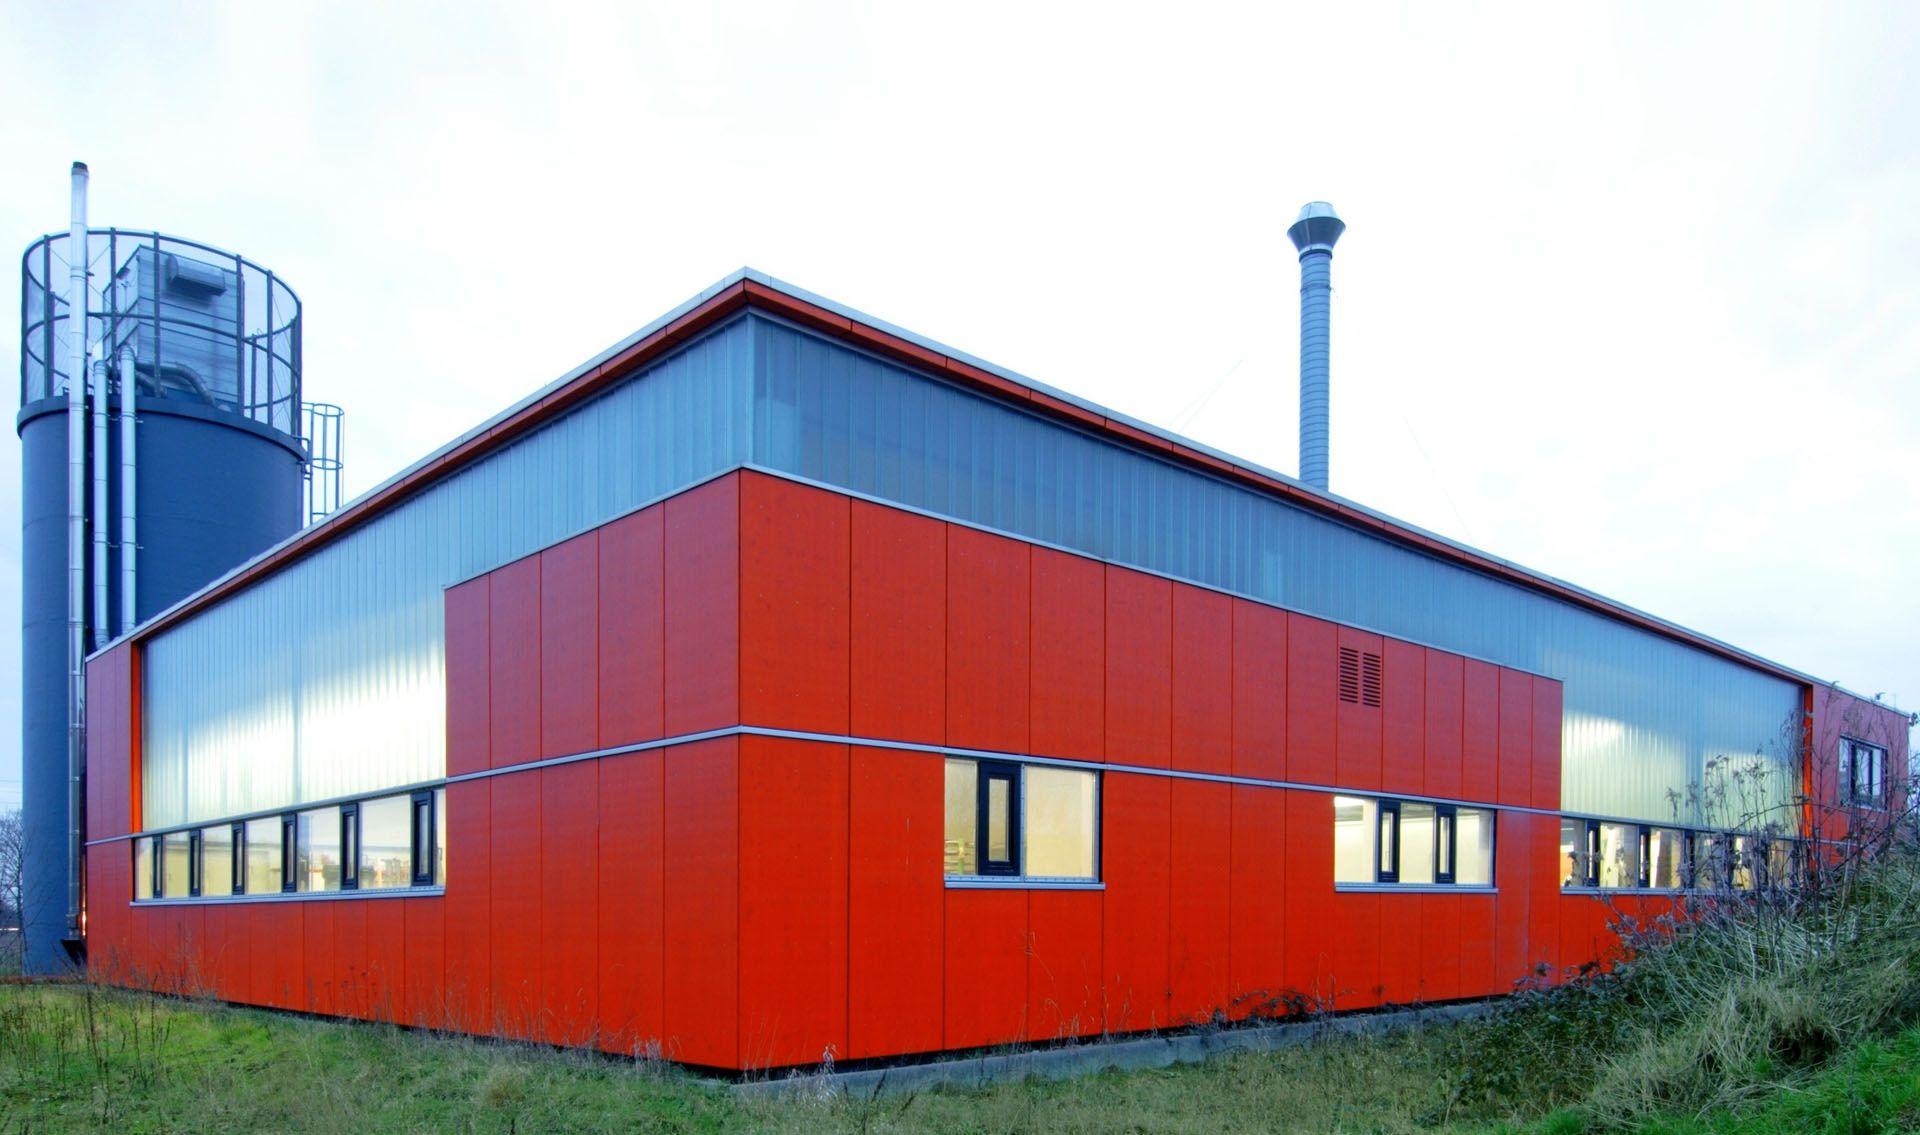 Tischlerei Bielefeld brüchner hüttemann pasch bhp architekten generalplaner gmbh